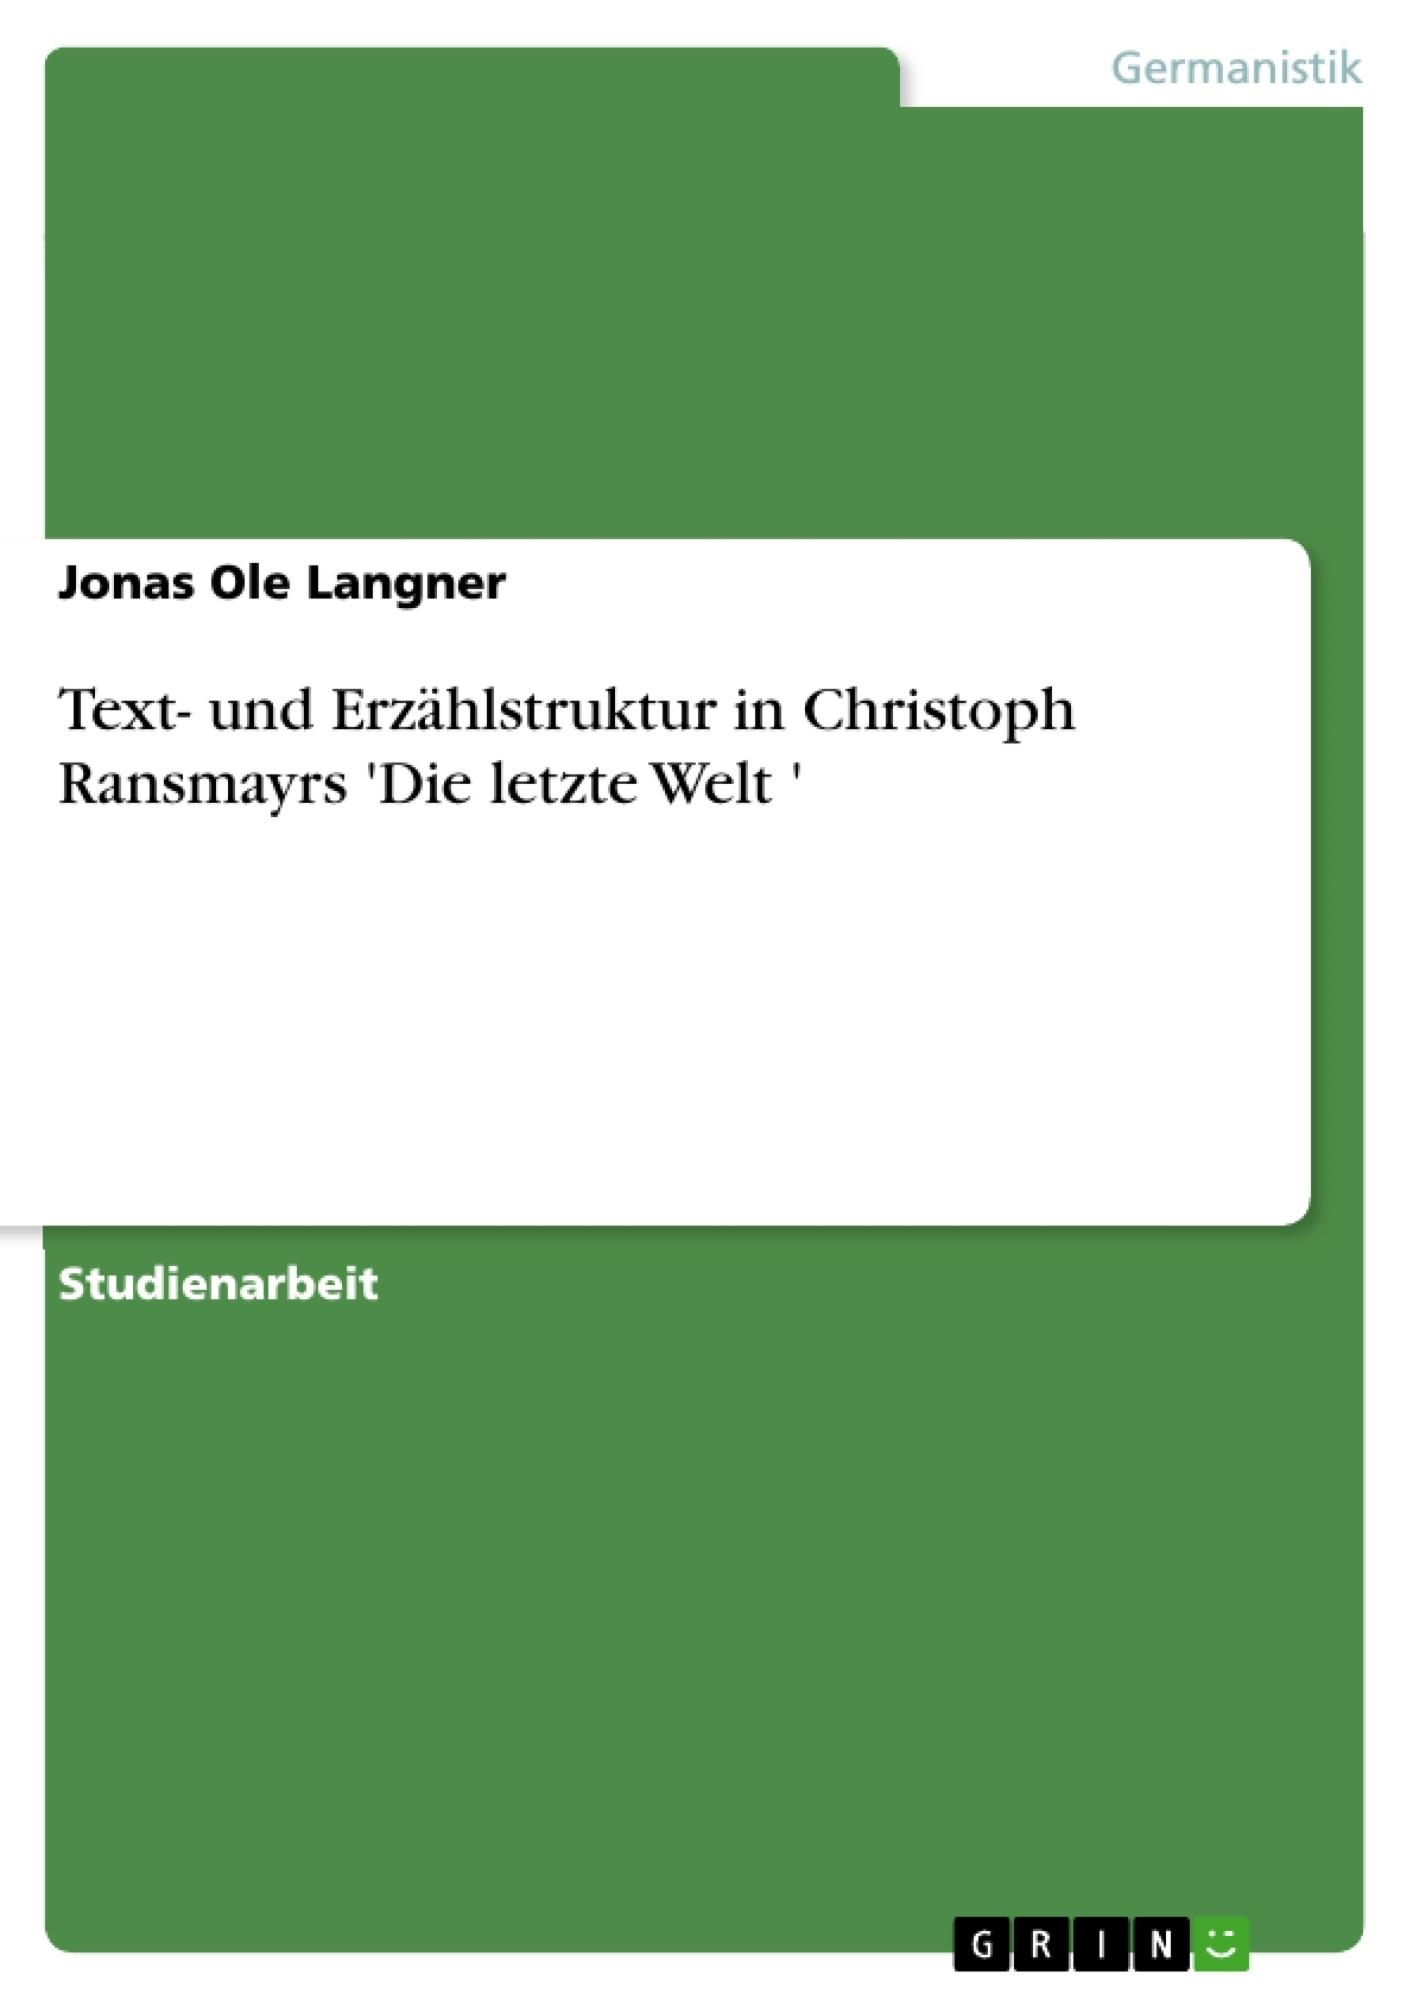 Titel: Text- und Erzählstruktur in Christoph Ransmayrs 'Die letzte Welt '